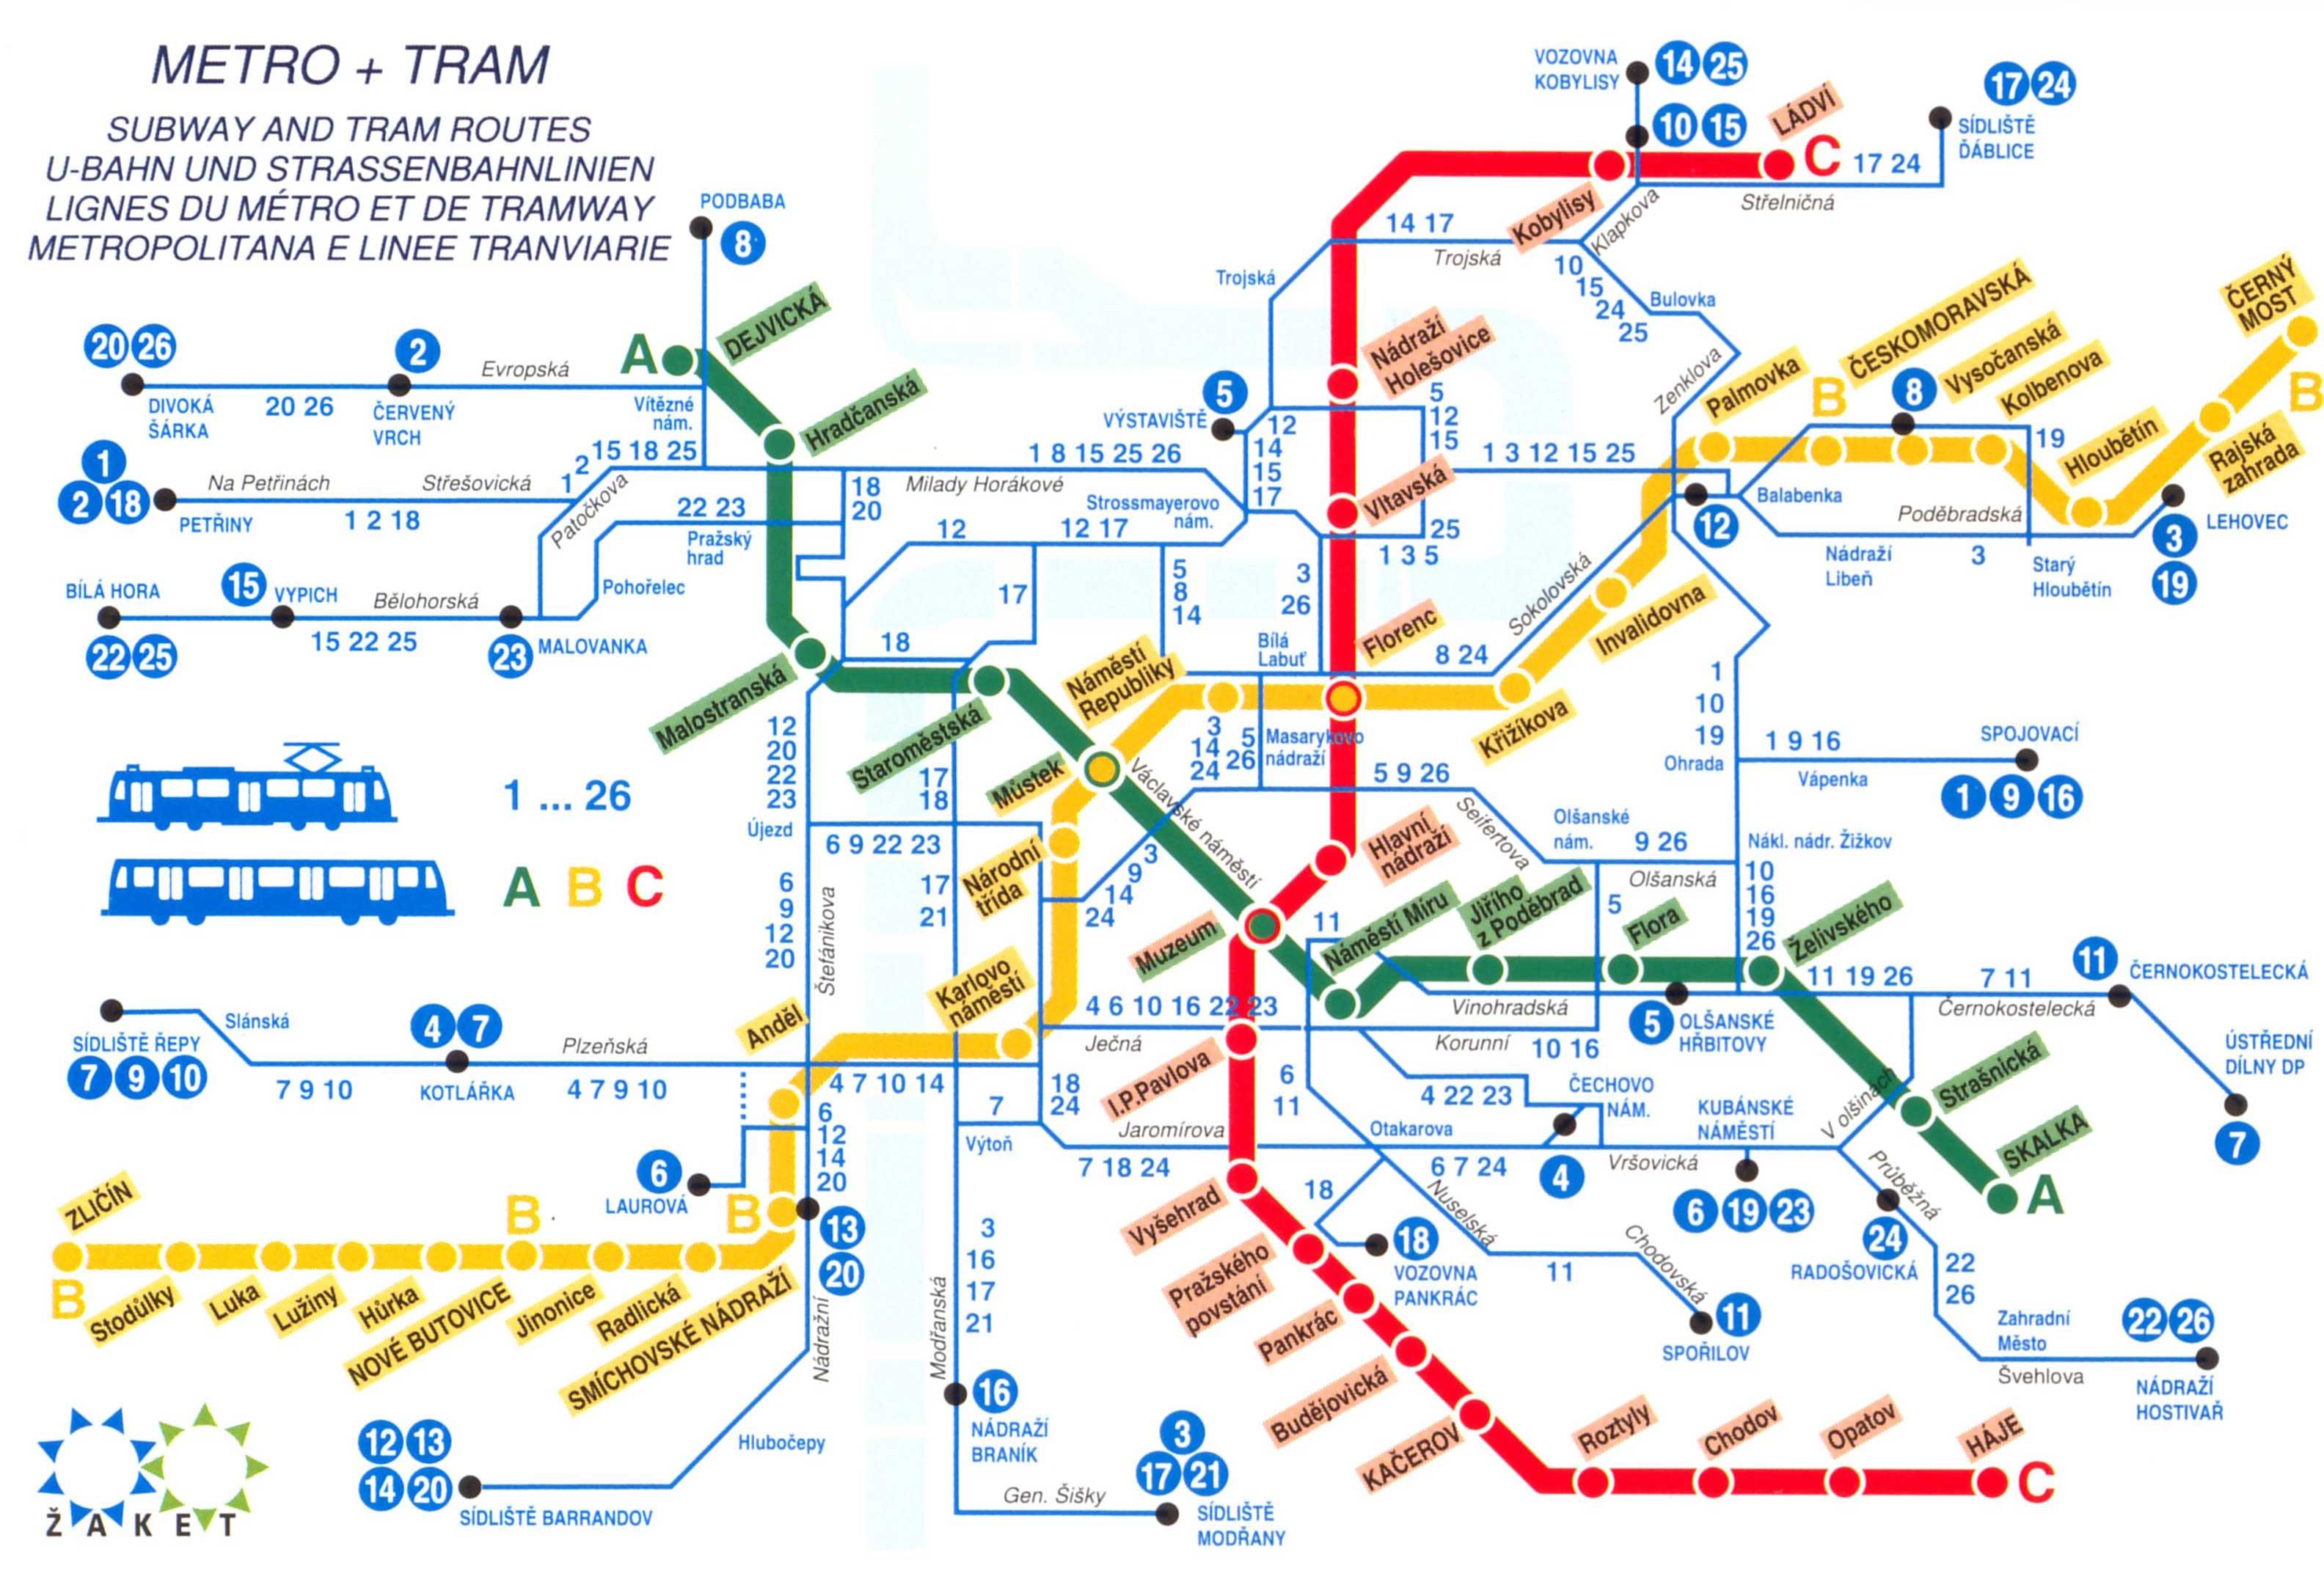 cekturk-prag-erasmus-tavsiyeler-ipuclari-metro-map-1